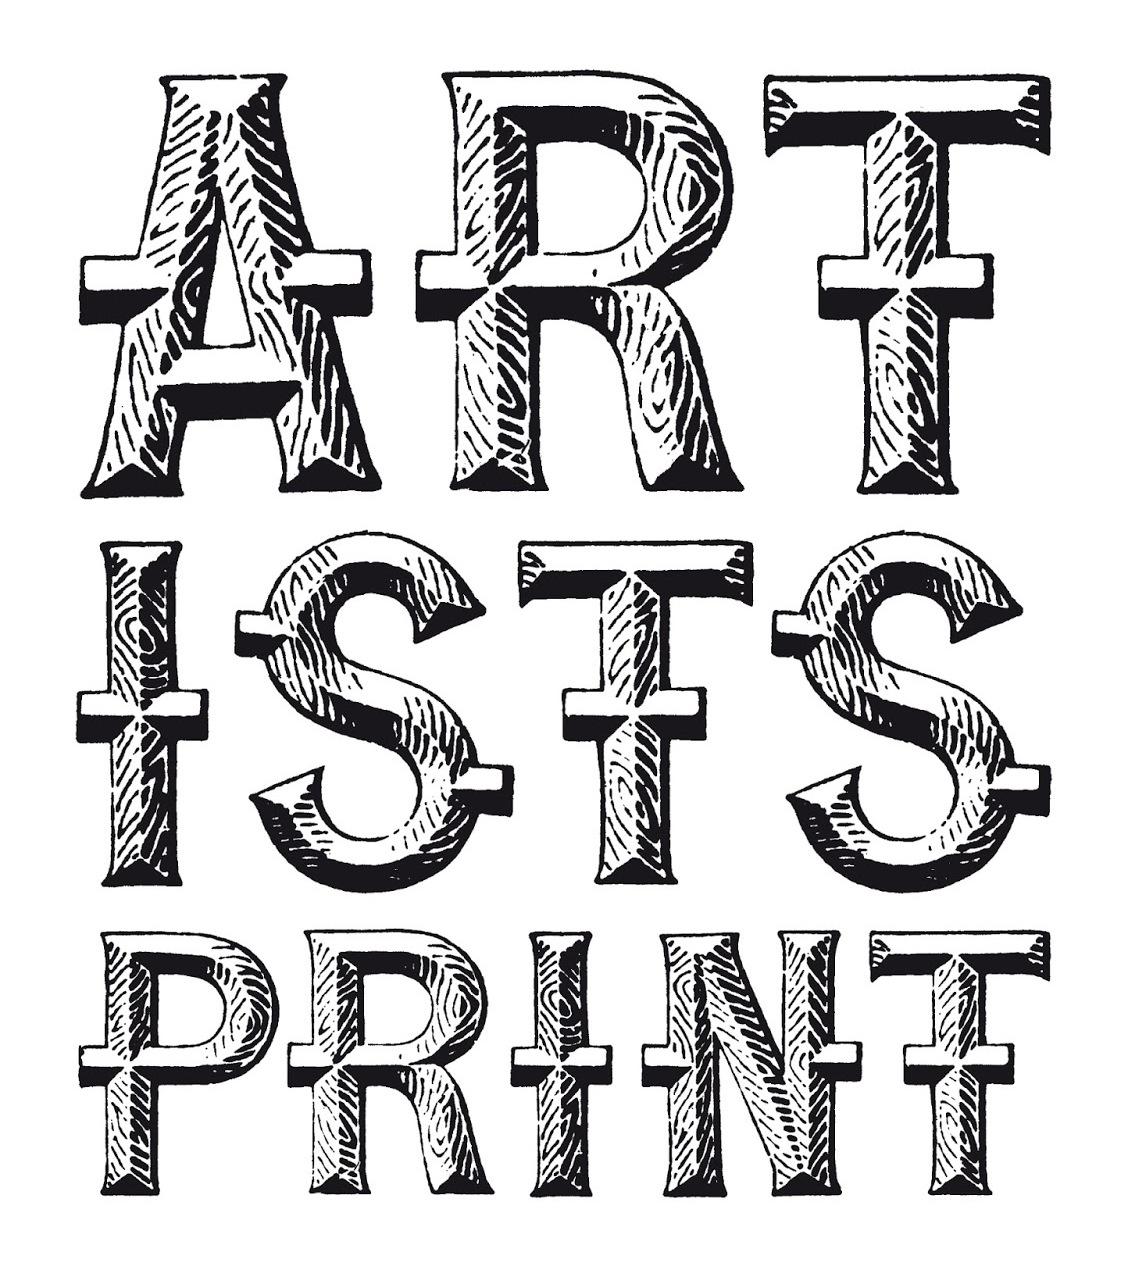 artists_print_A5_2015_08-1-Recto